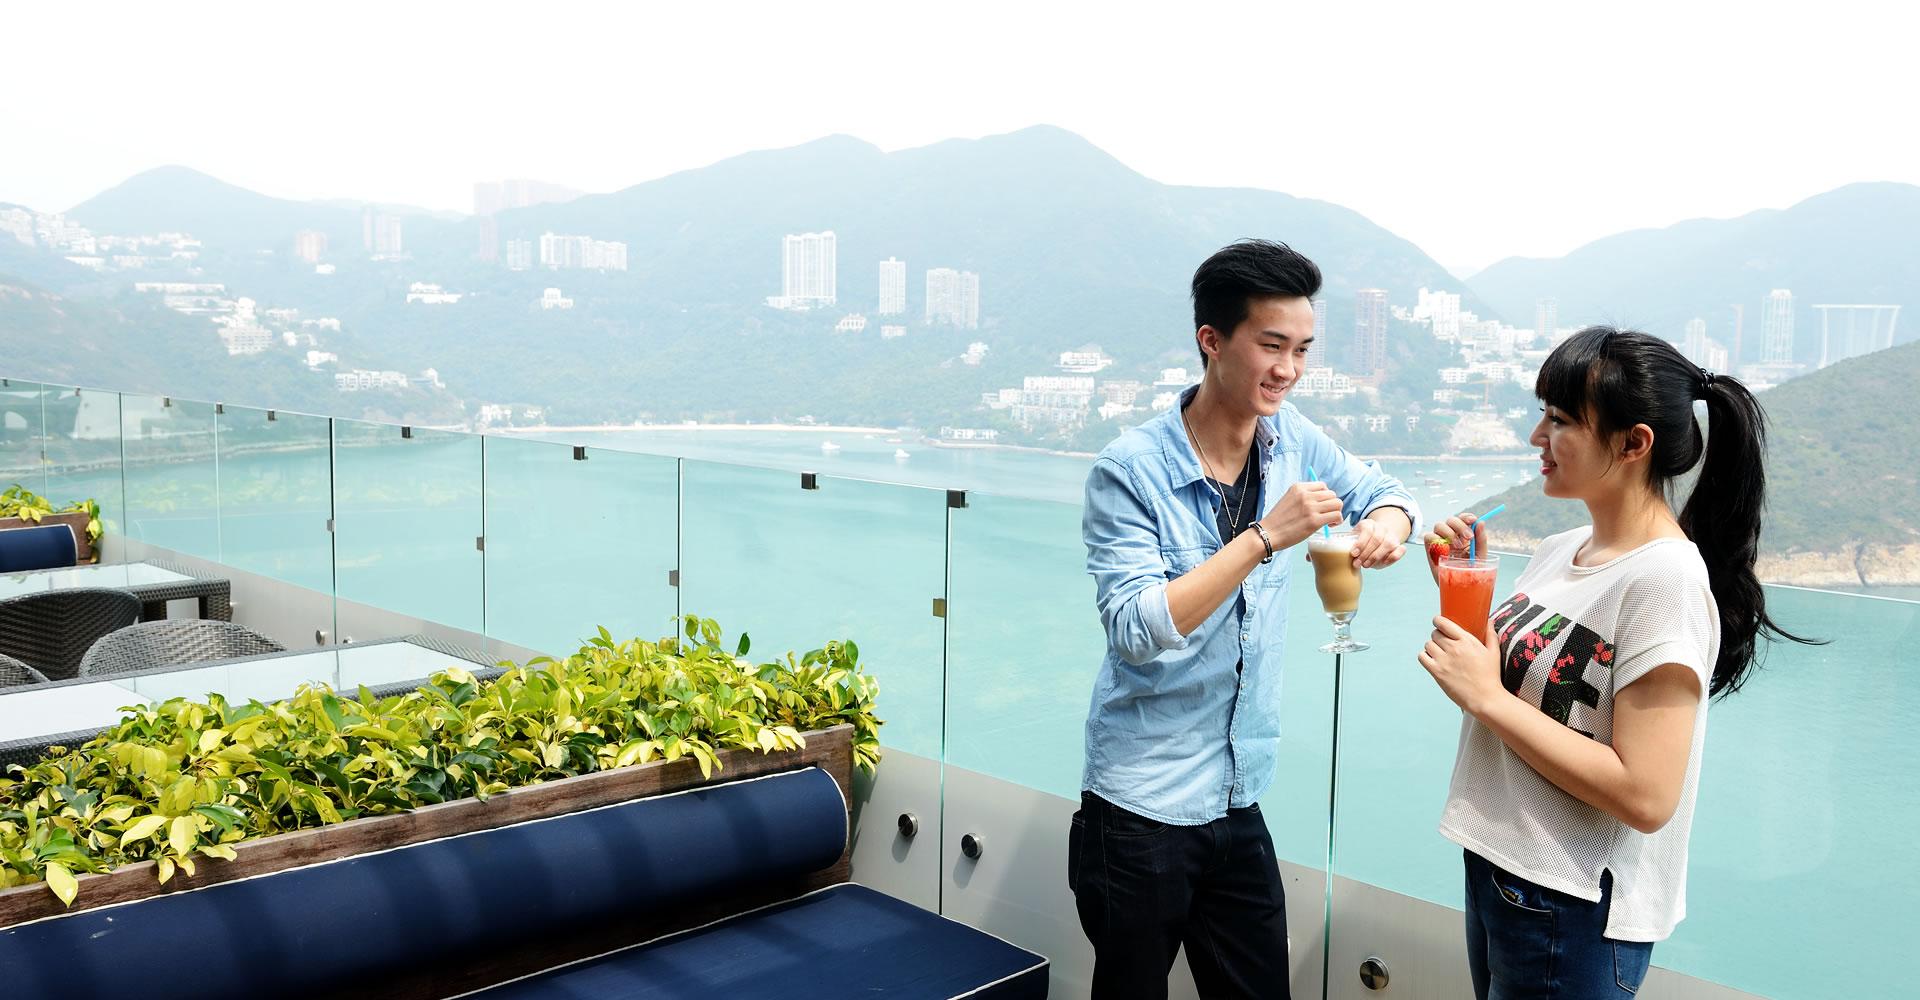 https://media.oceanpark.com.hk/files/s3fs-public/TheBayviewRestaurant2.jpg